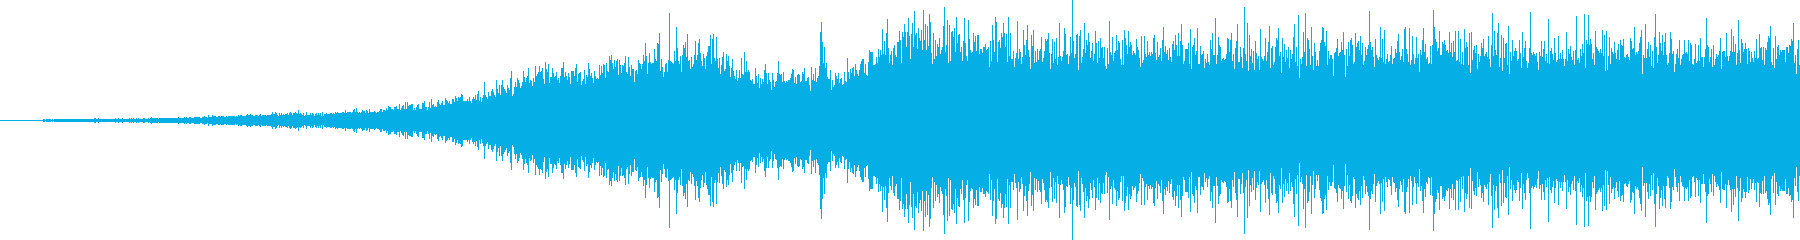 オールズモビルミディアムファストイ...の再生済みの波形